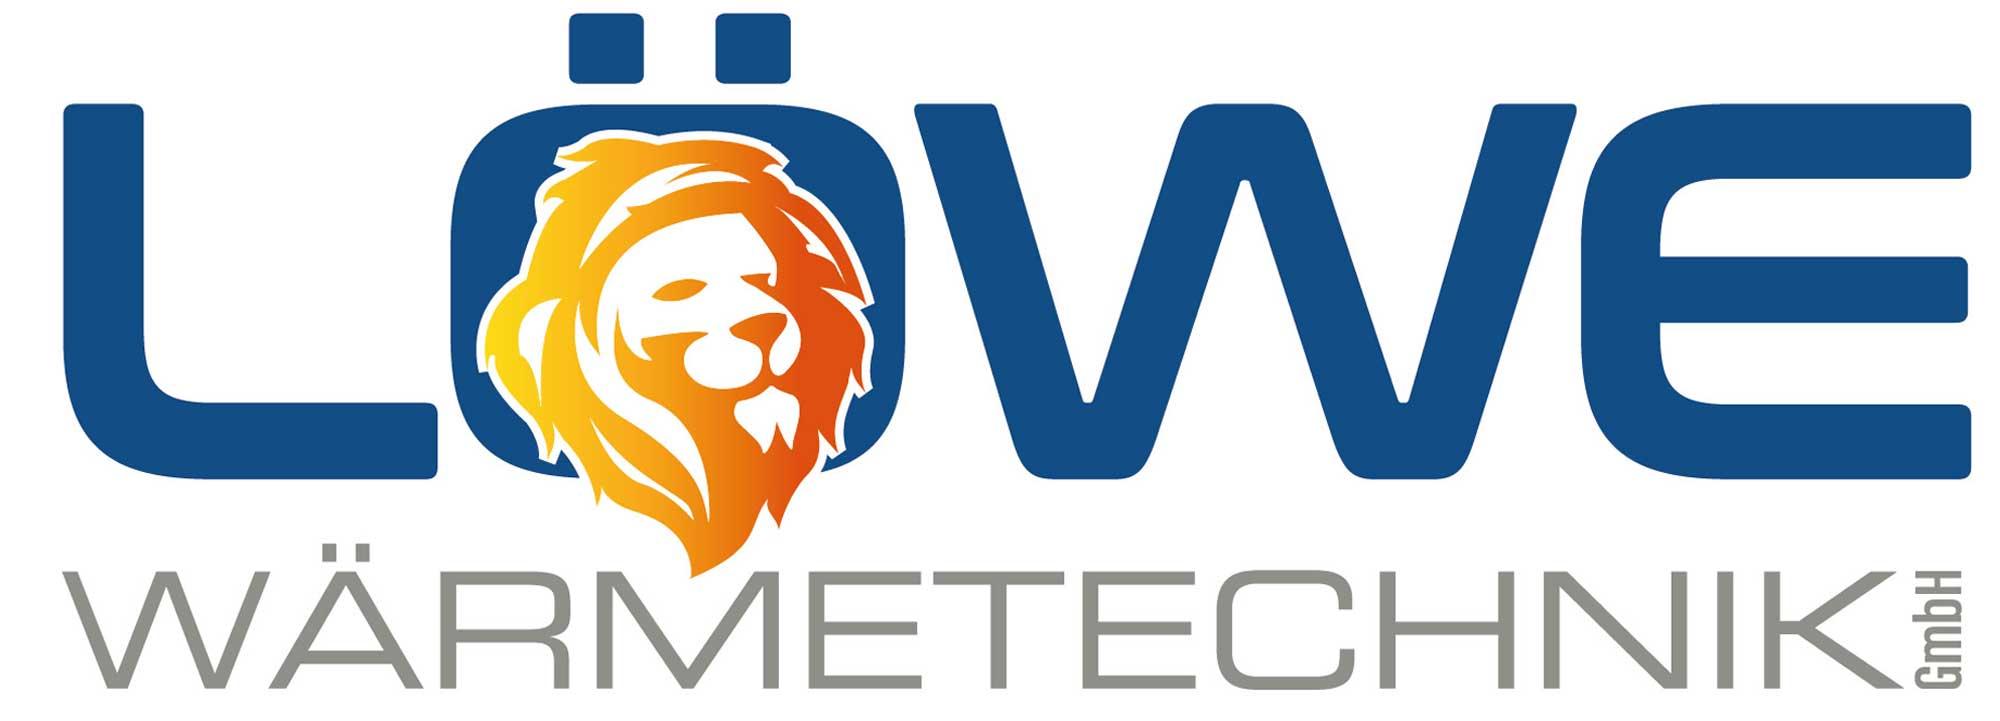 Wärmetechnik Löwe GmbH